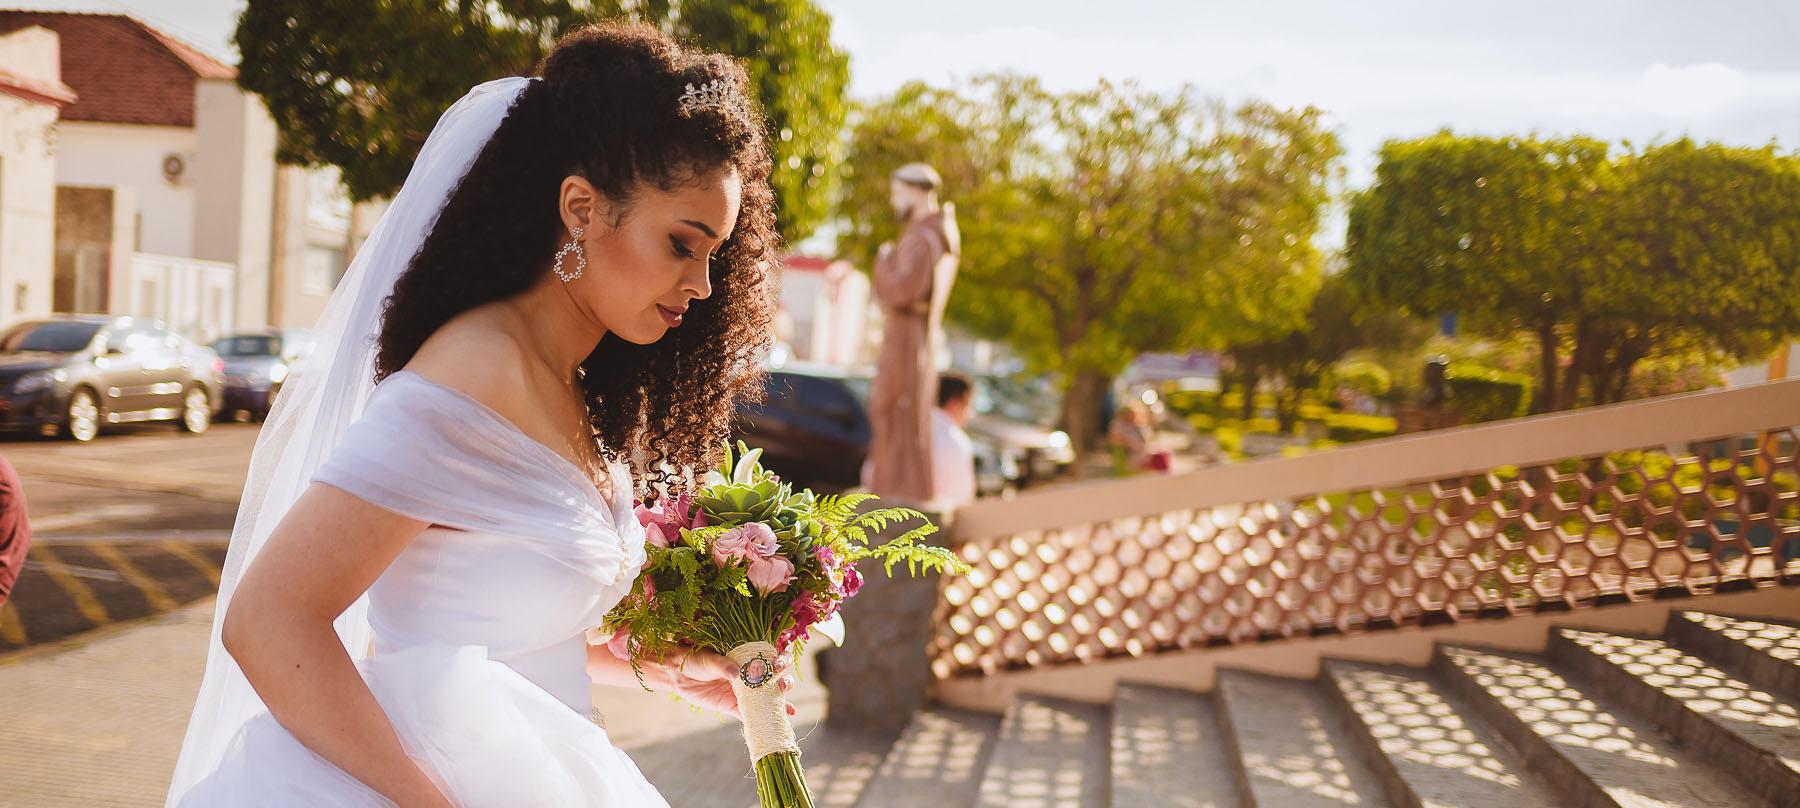 Noiva Cacheada Cabelo Natural Casamentoandejeh Vai Menina